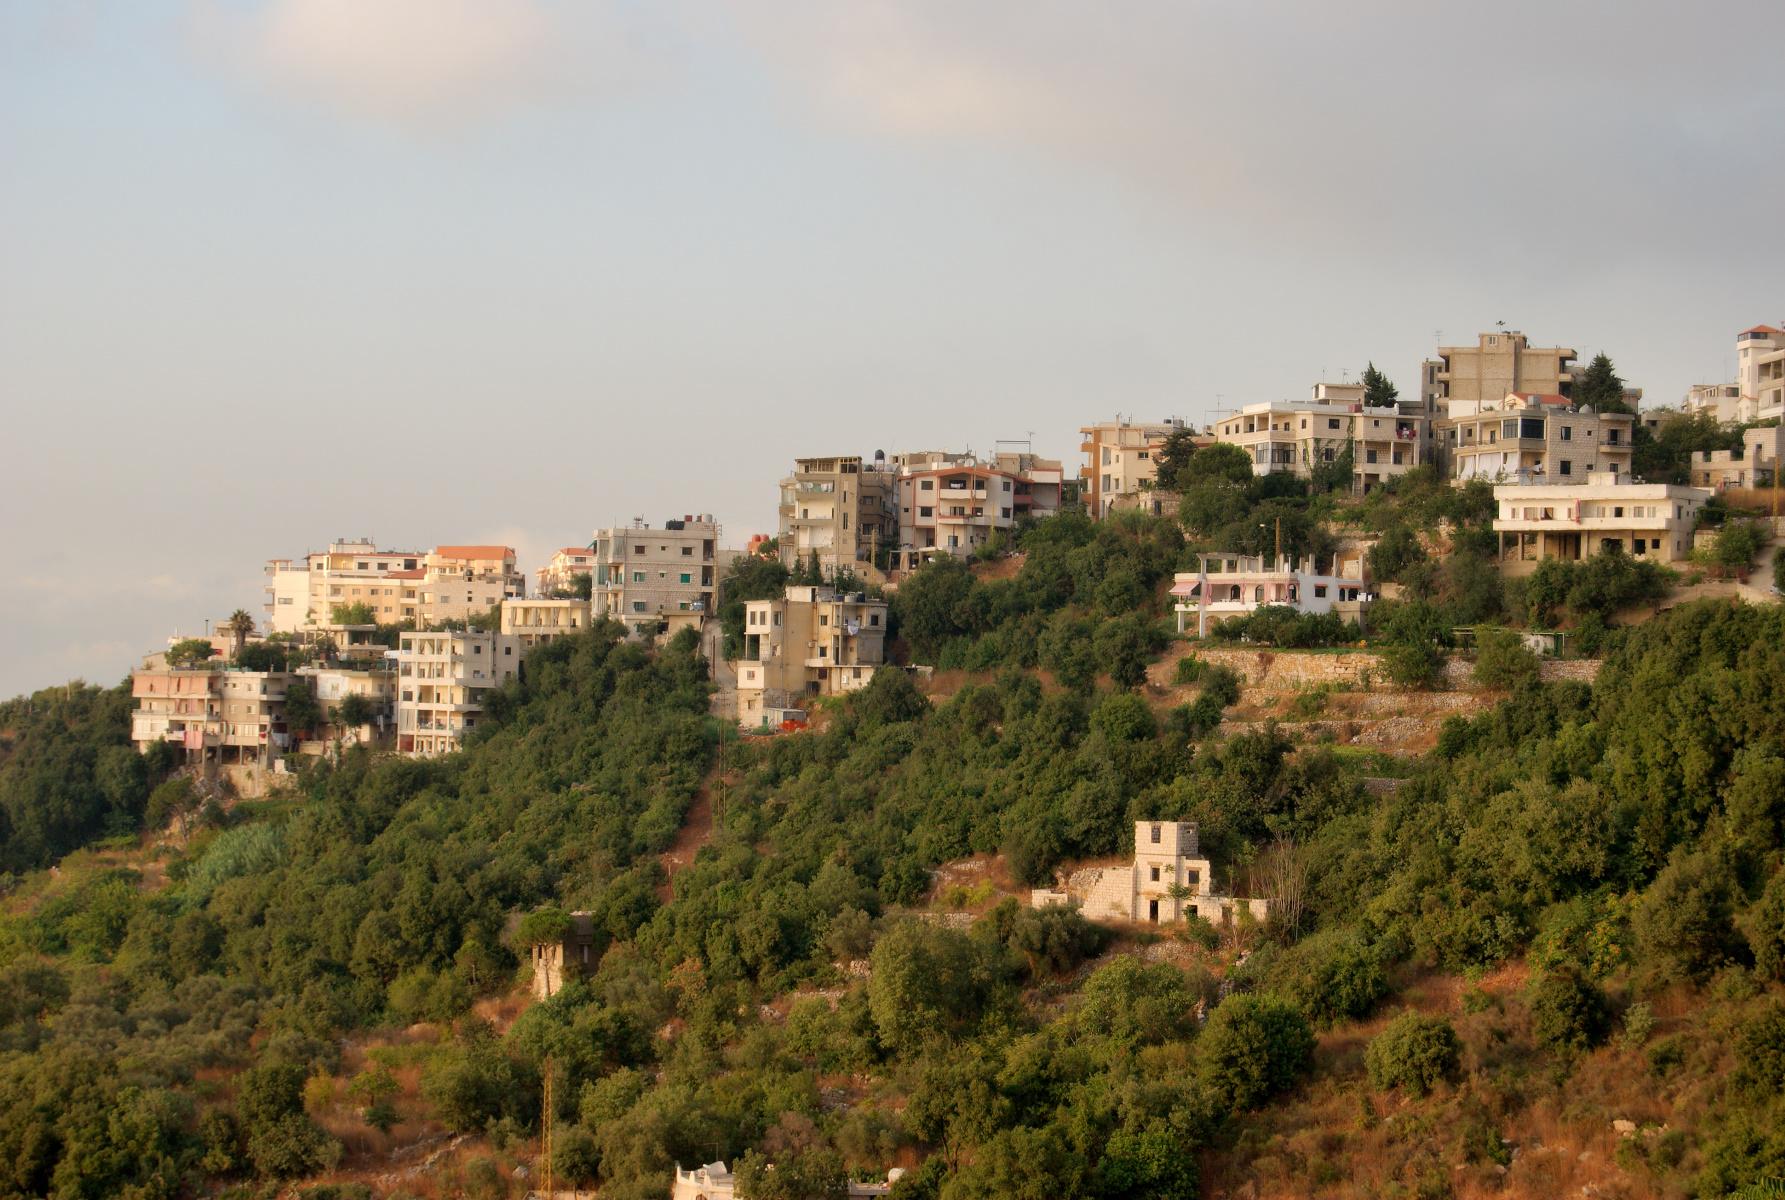 Aley_Lebanon_Houses_and_hillside